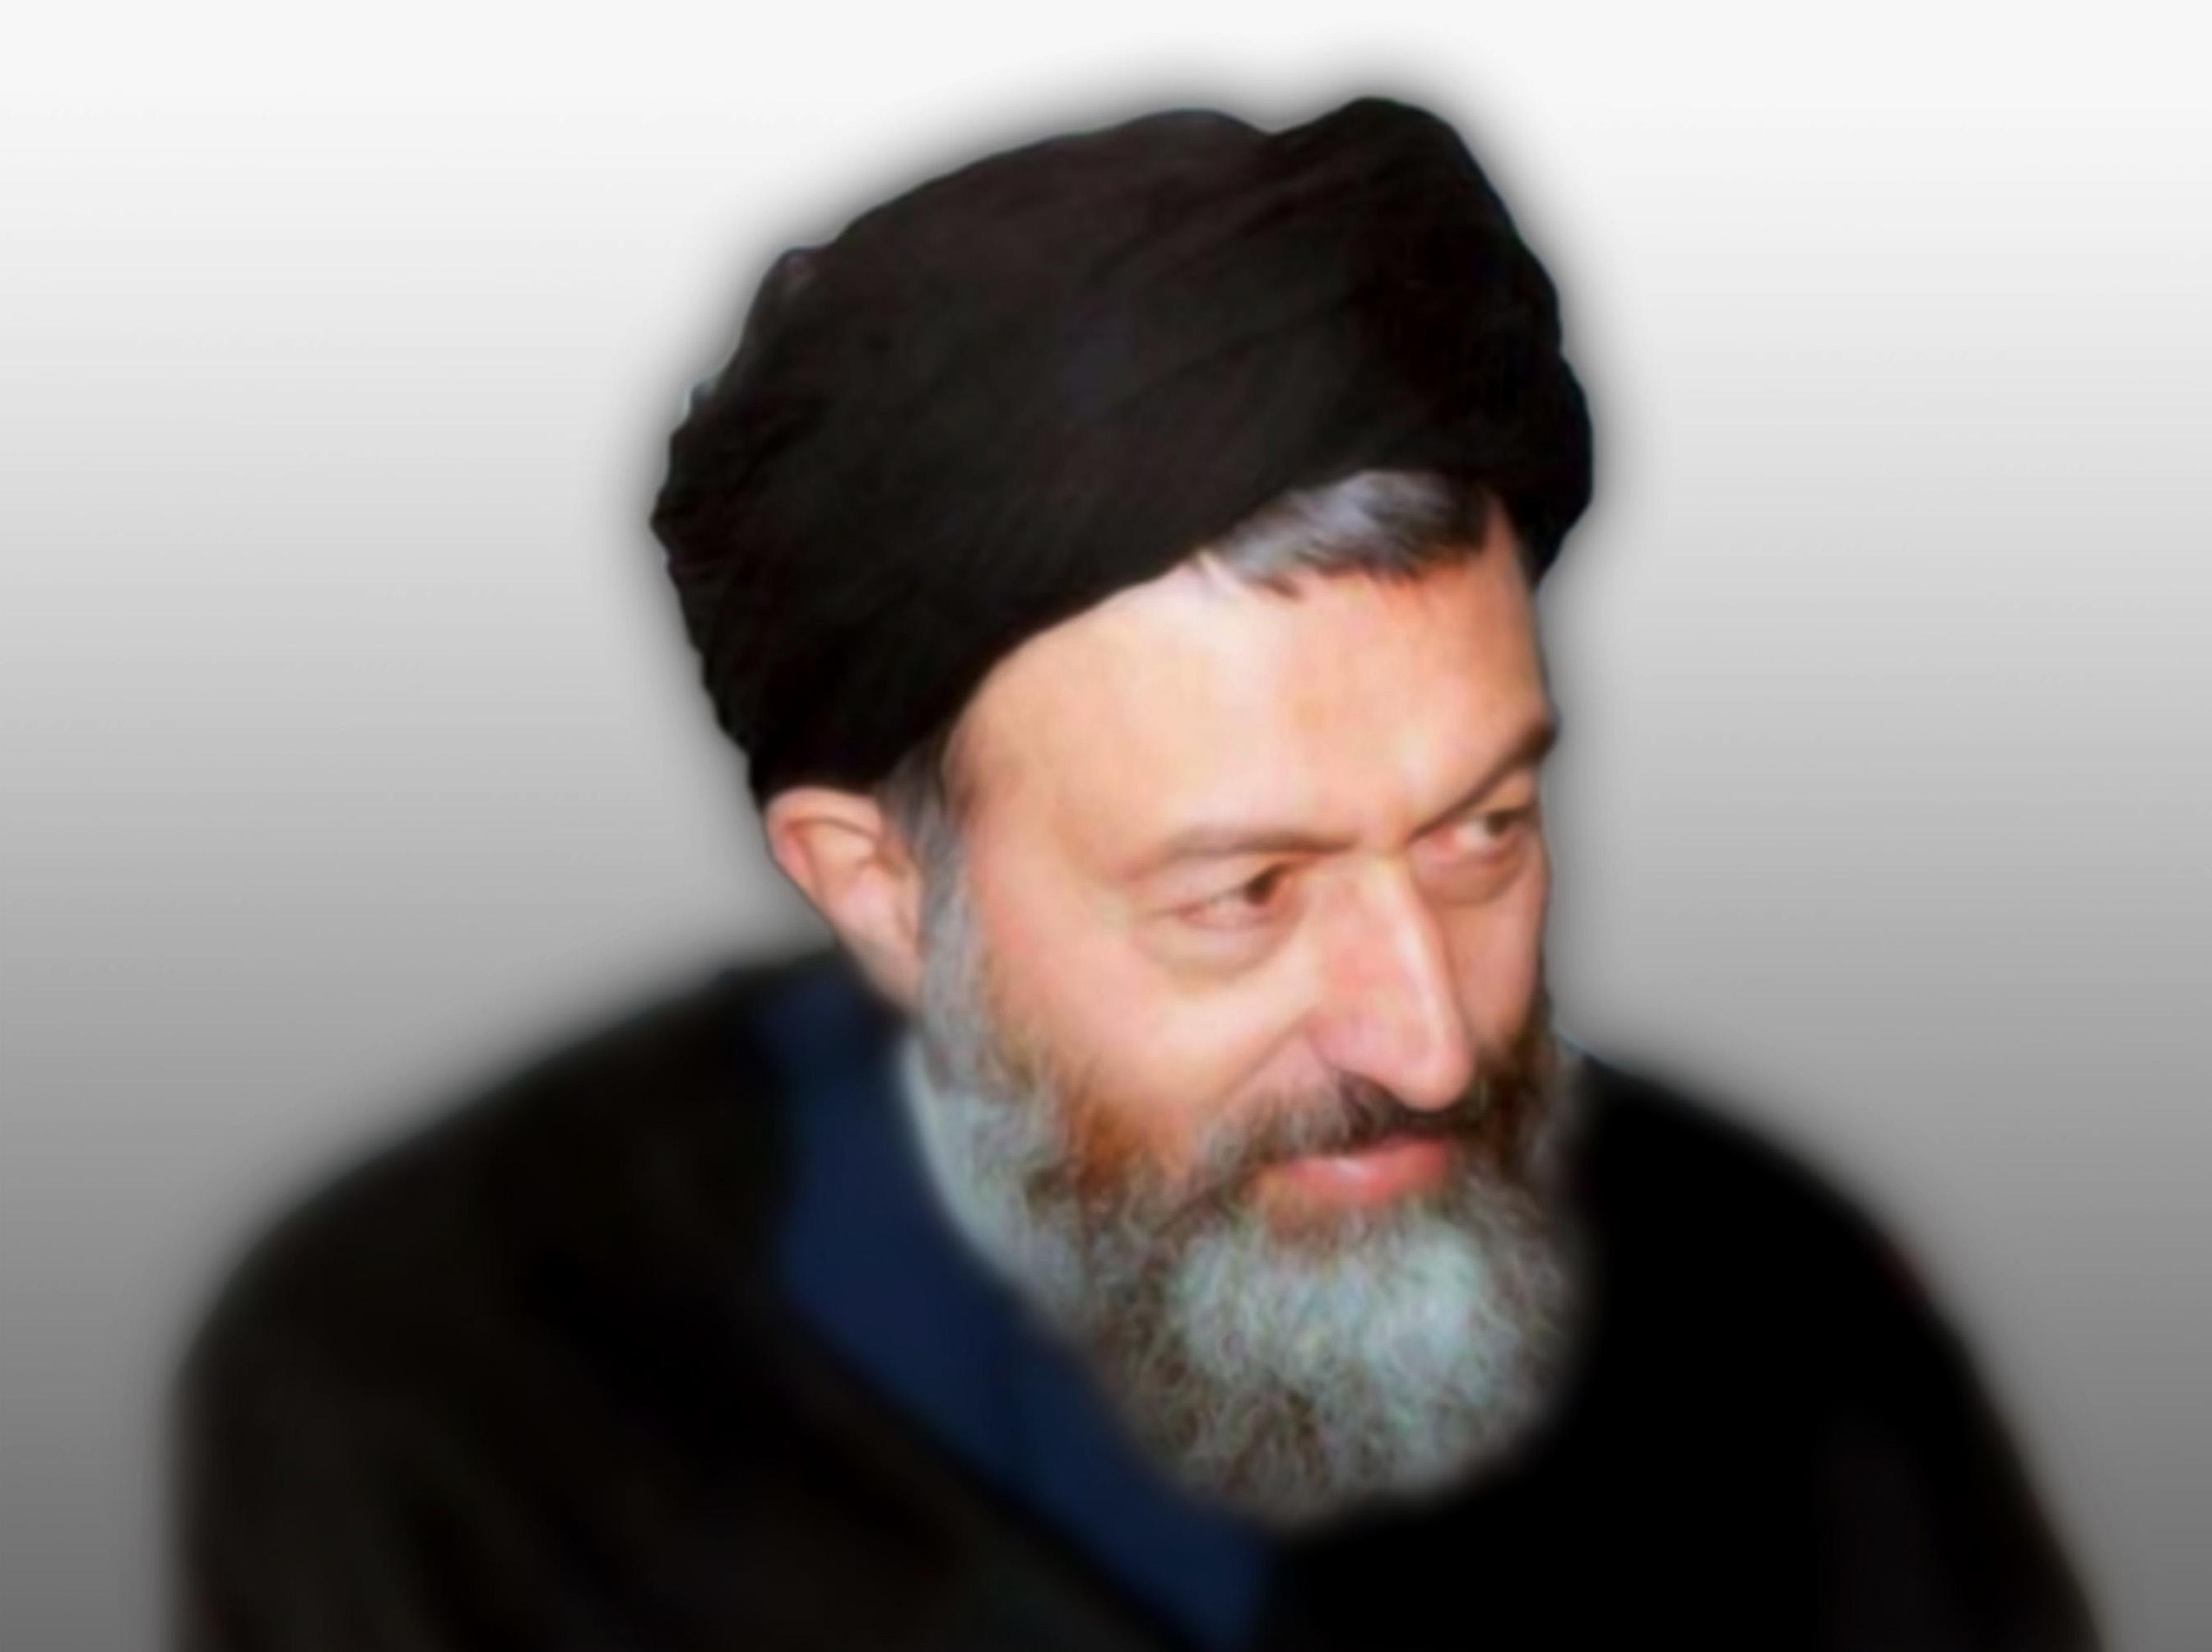 حضرت علی با مسئولان خائن و امتیازطلب چگونه رفتار میکرد؟/ پشت پرده فروش بوئینگ به ایران/ شروط سعودیها برای حج 95 چه بود؟